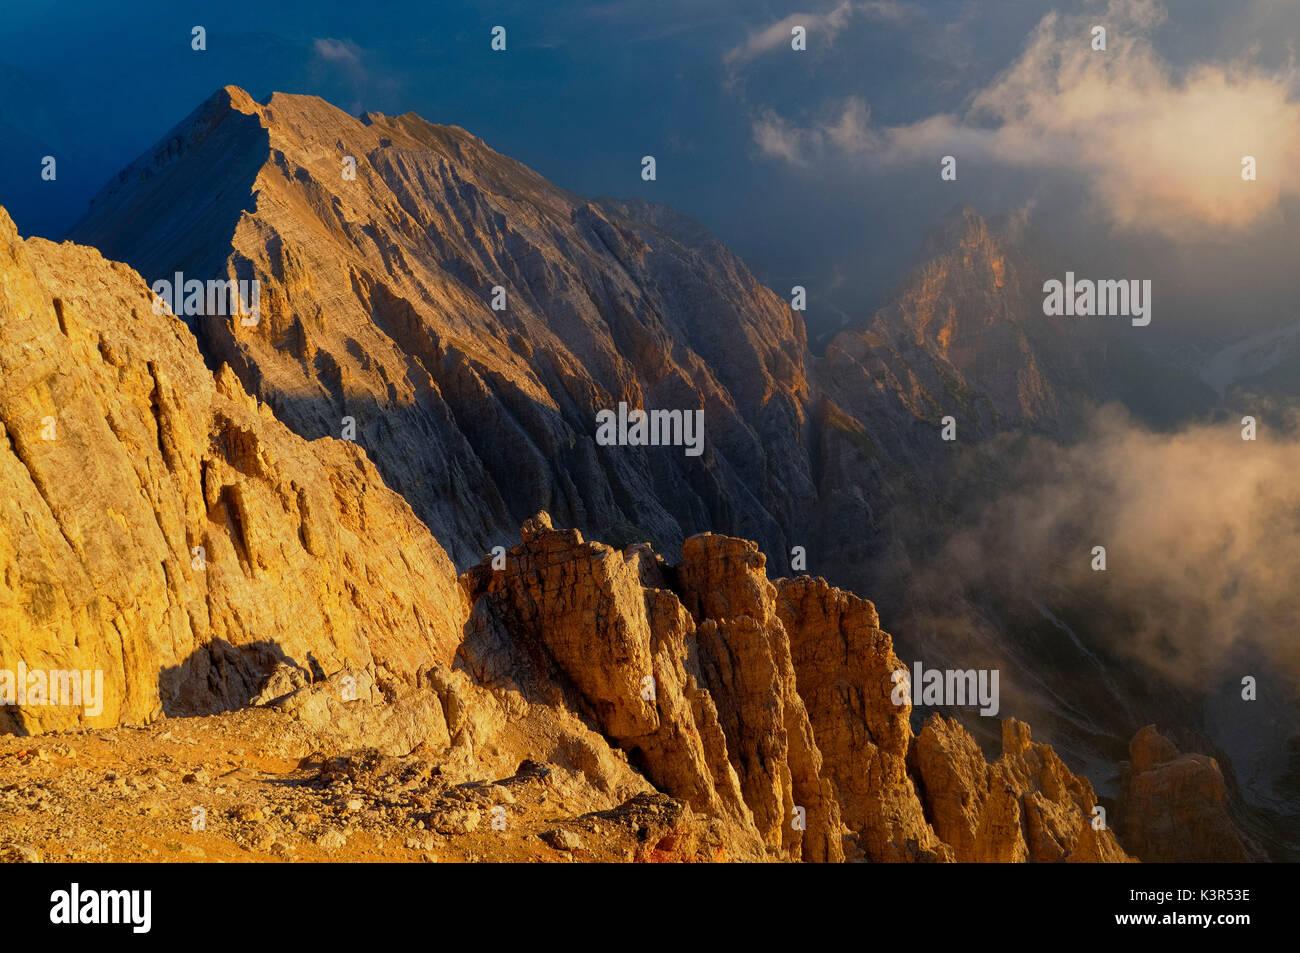 Creste Bianche,,Cortina Ampezzo Dolomiti,,Alpi,Veneto,Italia Foto Stock